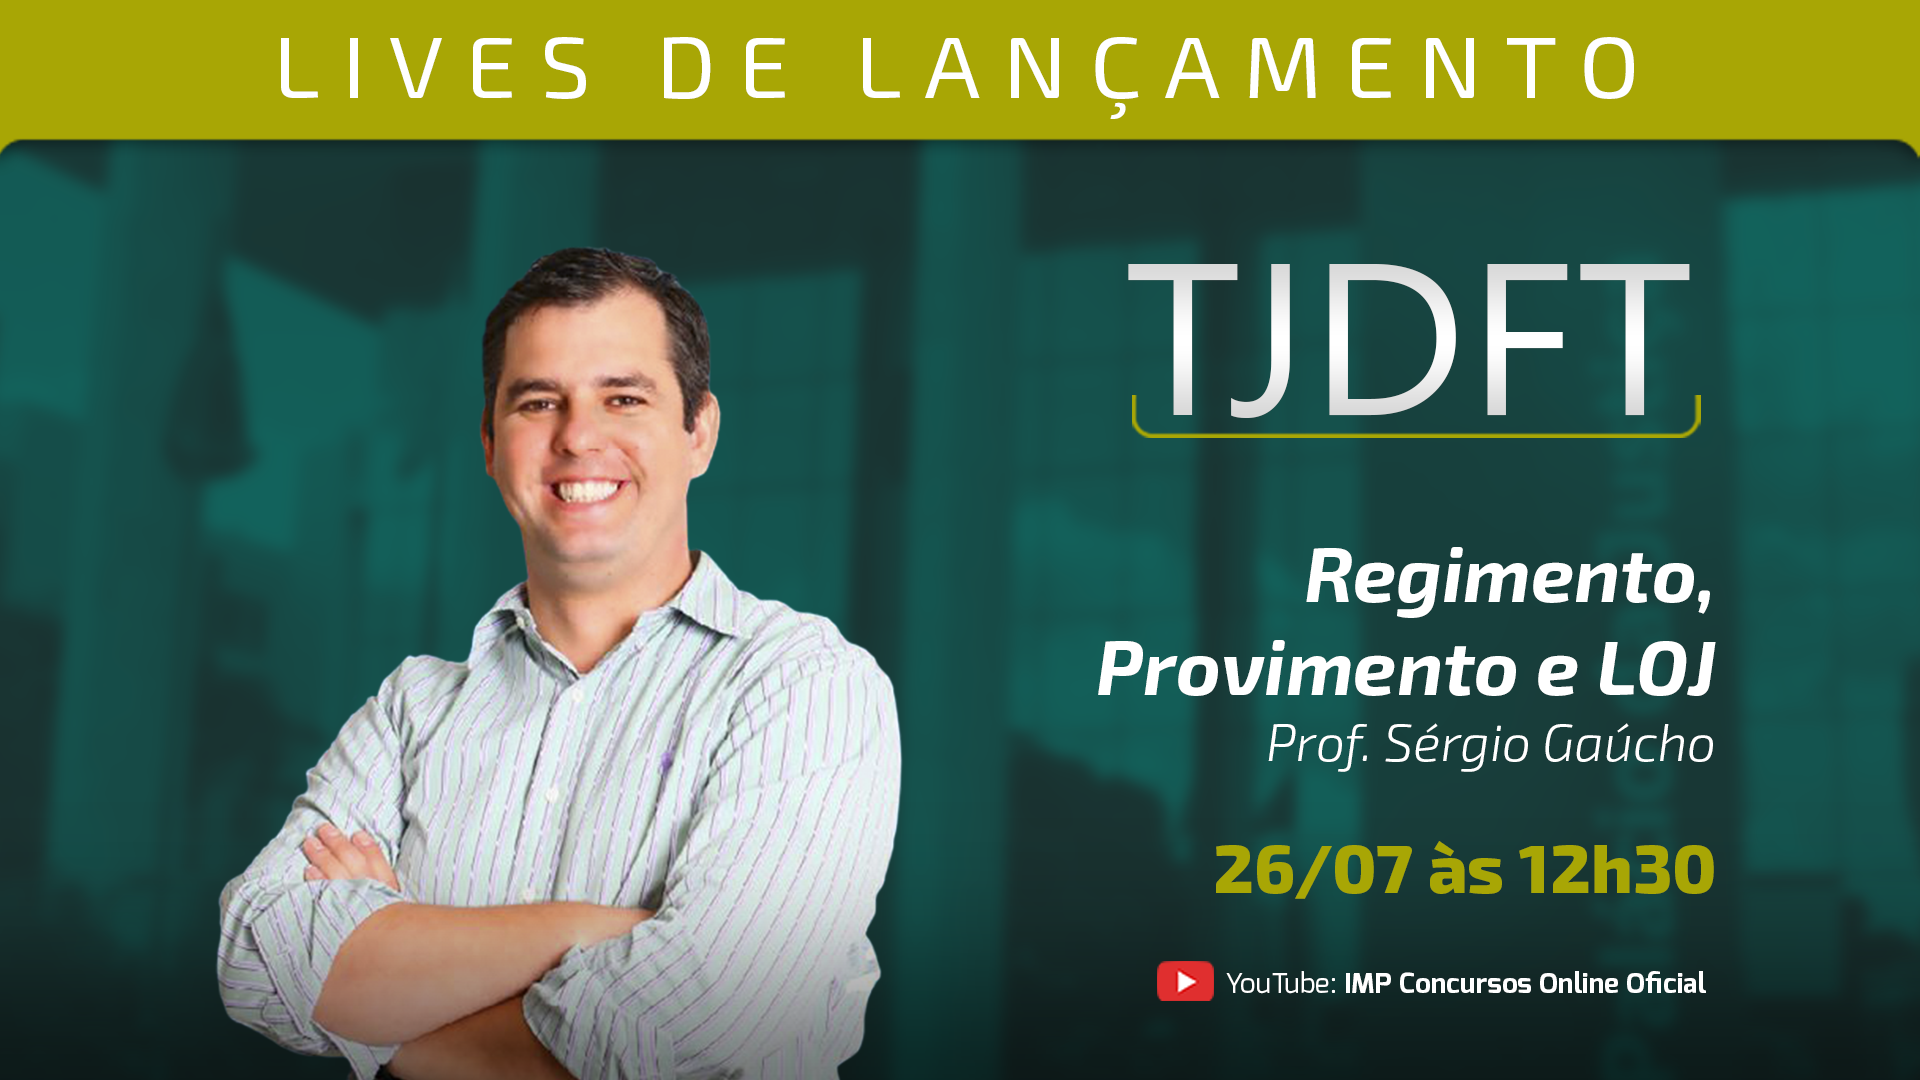 LIVE TJDFT - Regimento, Provimento e LOJ